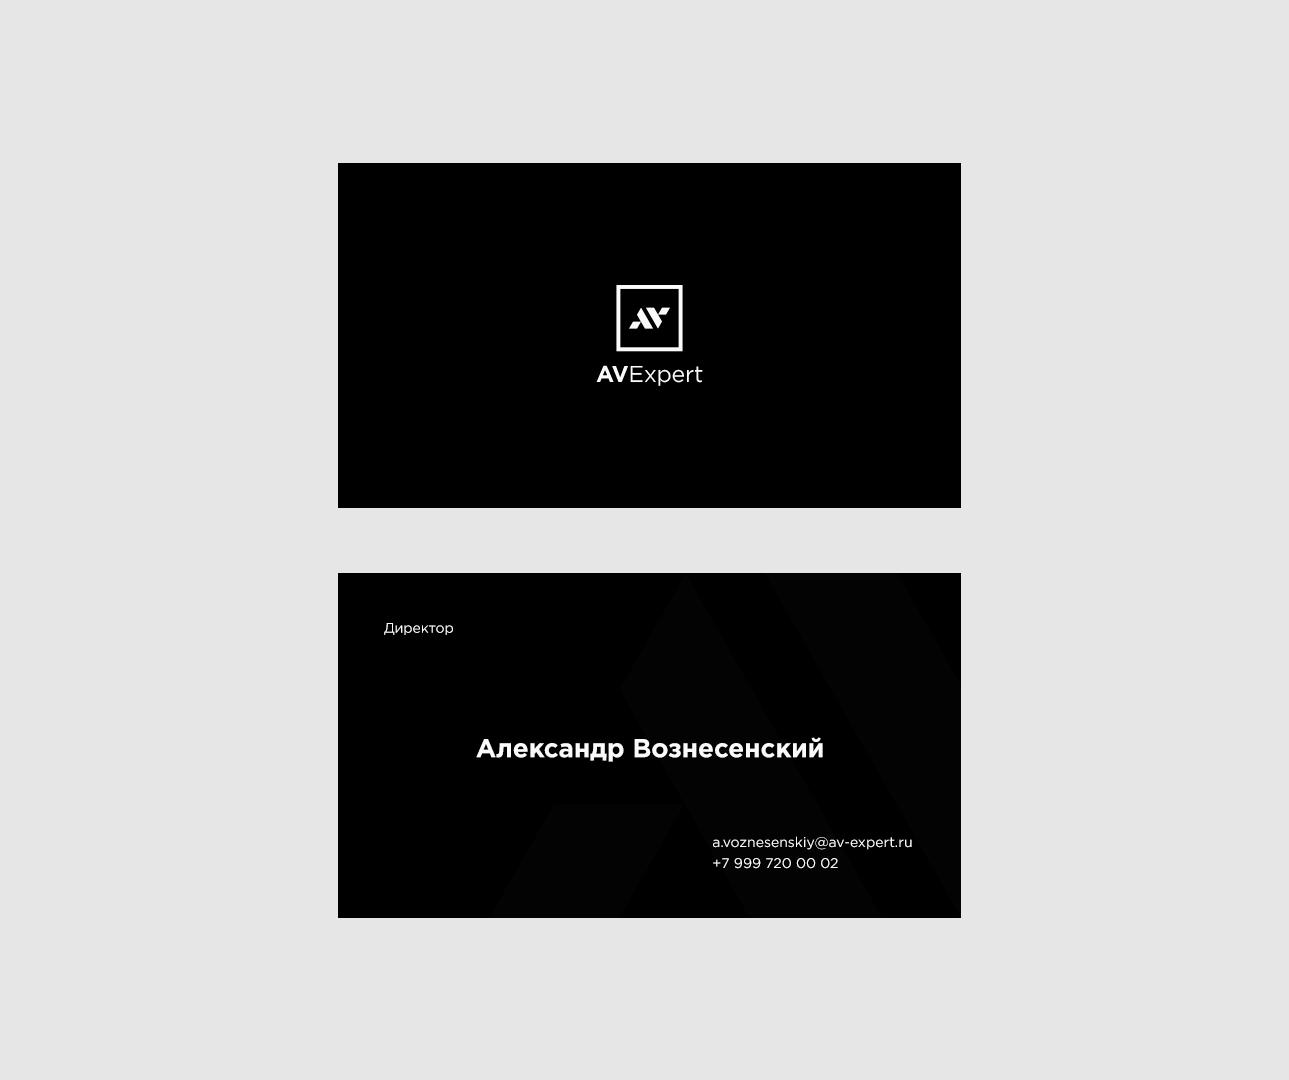 Создание логотипа, фирстиля фото f_4575c66776b89962.png